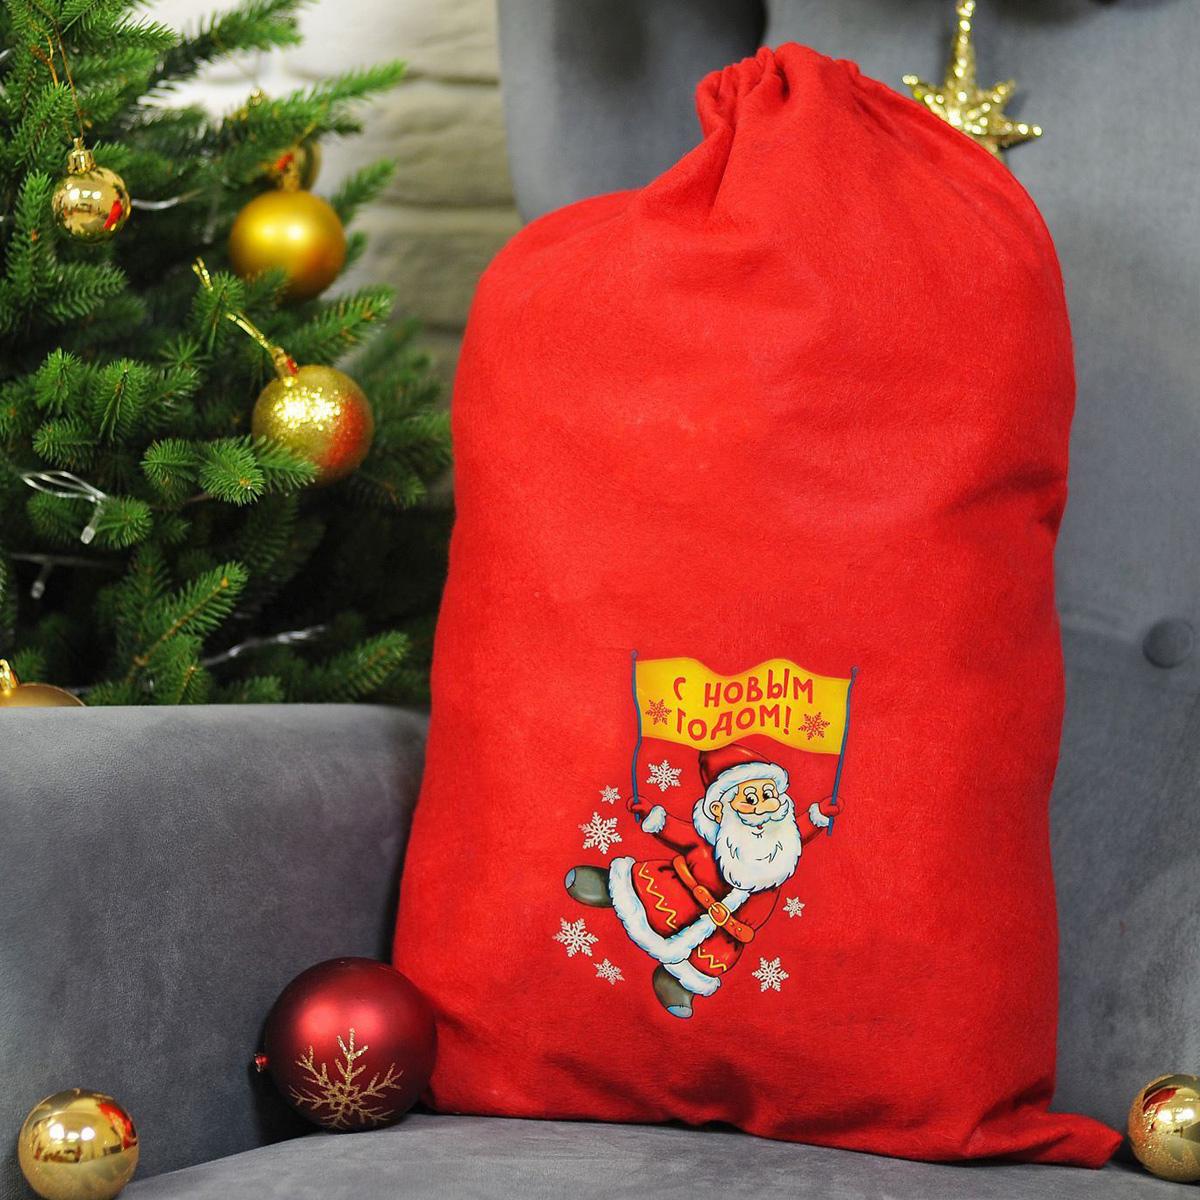 Упаковка подарочная Страна Карнавалия Мешок Деда Мороза. С Новым Годом. Дедушка Мороз, цвет: красный, 40 х 60 см1365009Подарочная упаковка Страна Карнавалия Мешок Деда Мороза. С Новым Годом. Дедушка Мороз превратит любое торжество в настоящий яркий и веселый карнавал полный сюрпризов и смеха. Яркий красный аксессуар, с изображением Деда Мороза, дополнит любой праздничный наряд, и все близкие будут рады получить из рук краснощекого персонажа заслуженный подарок!Размер: 40 х 60 см.